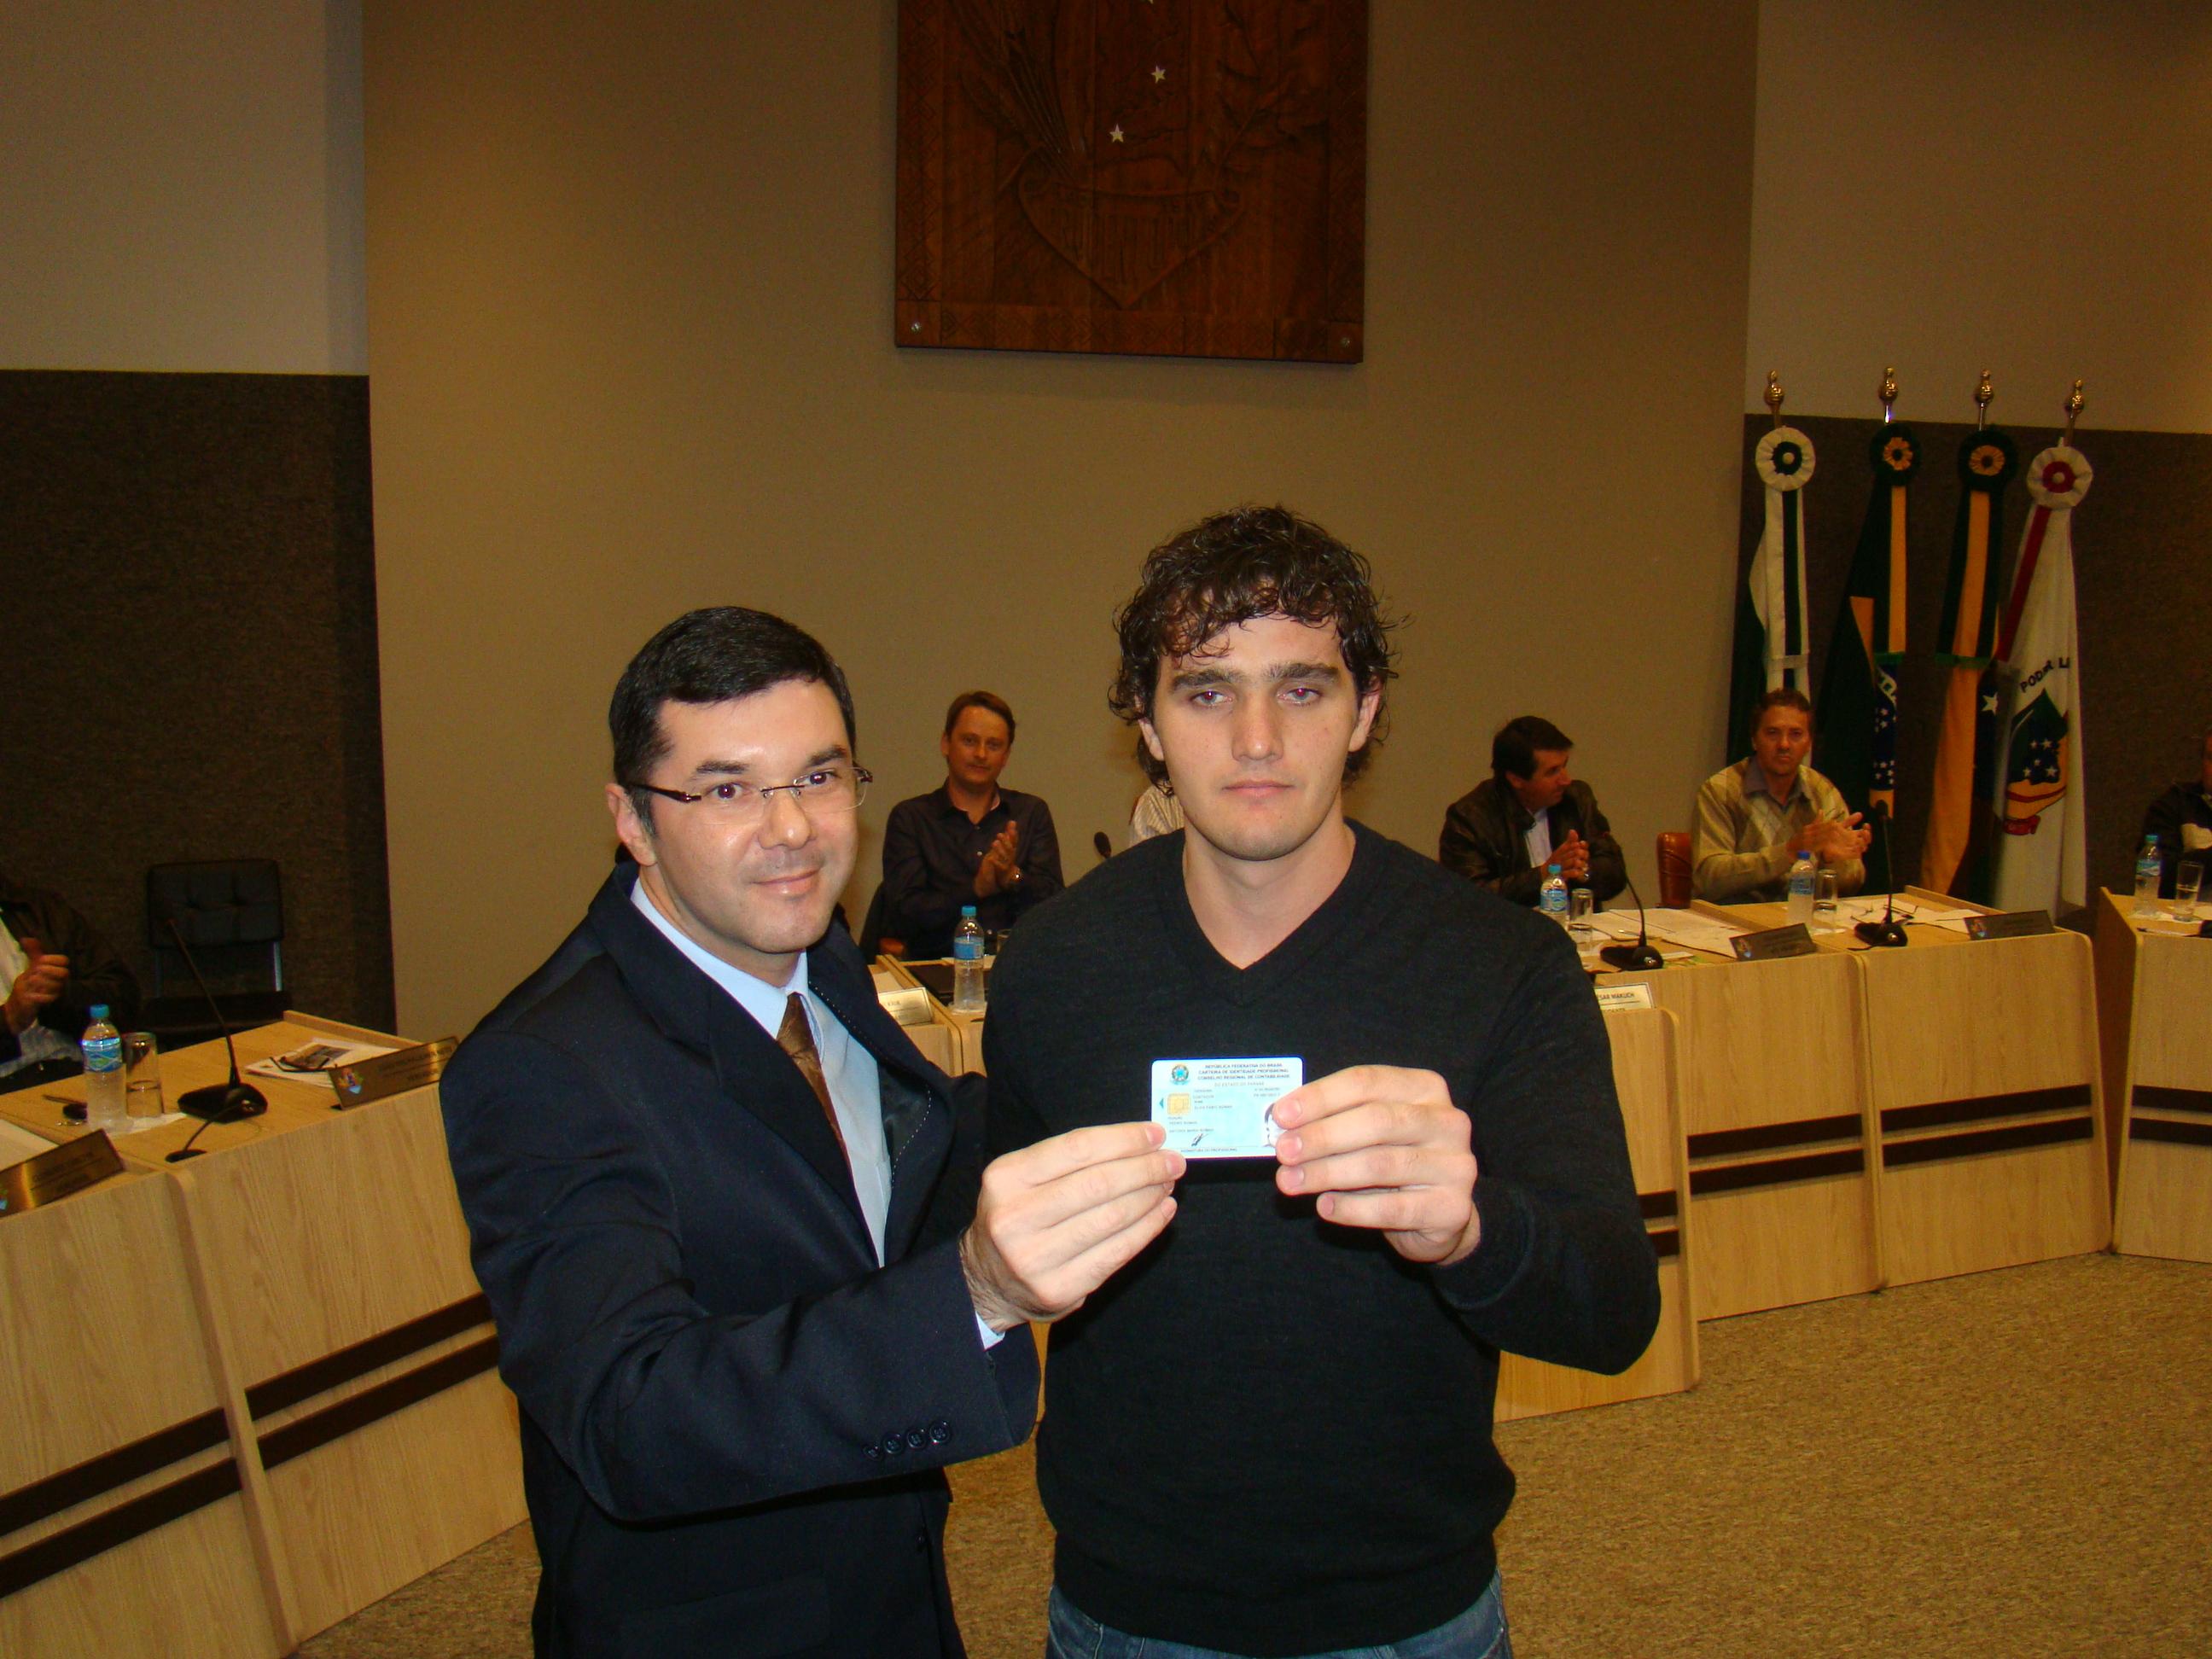 Jovem Elvis Roman recebe sua carteira profissional do Delegado do CRC,Marcelo Figueiredo.